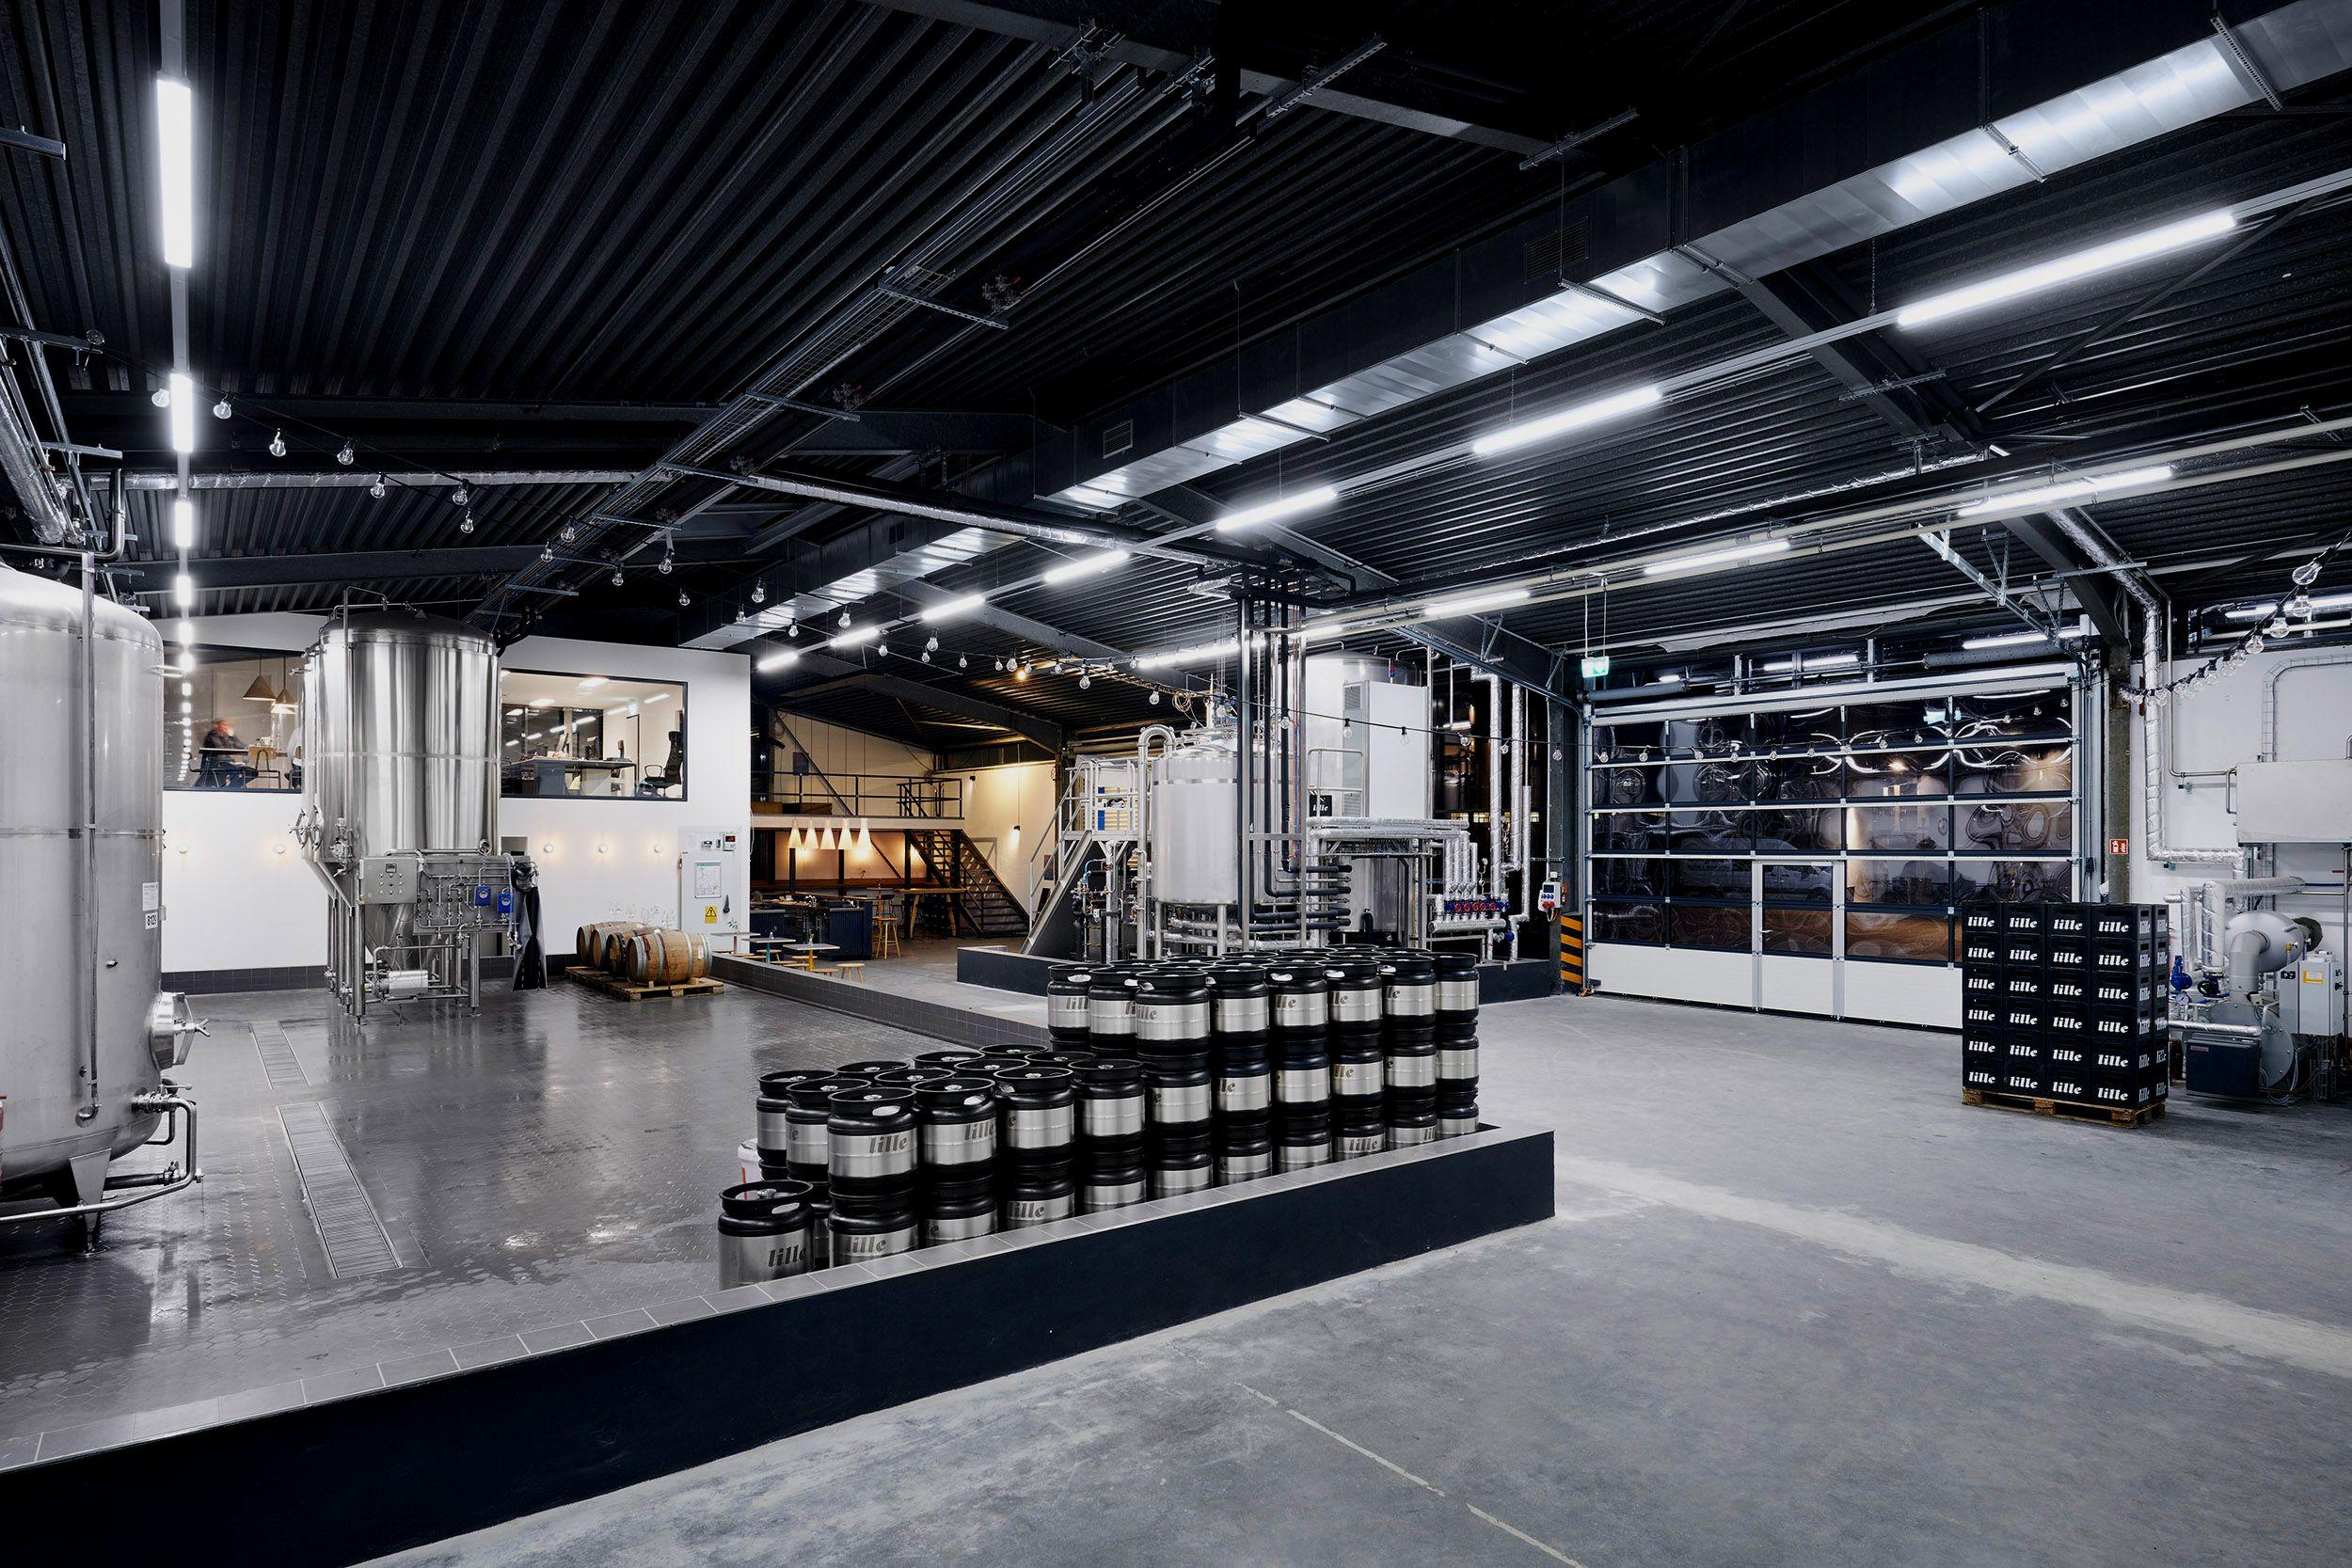 Lillebräu Brauerei & Schankraum